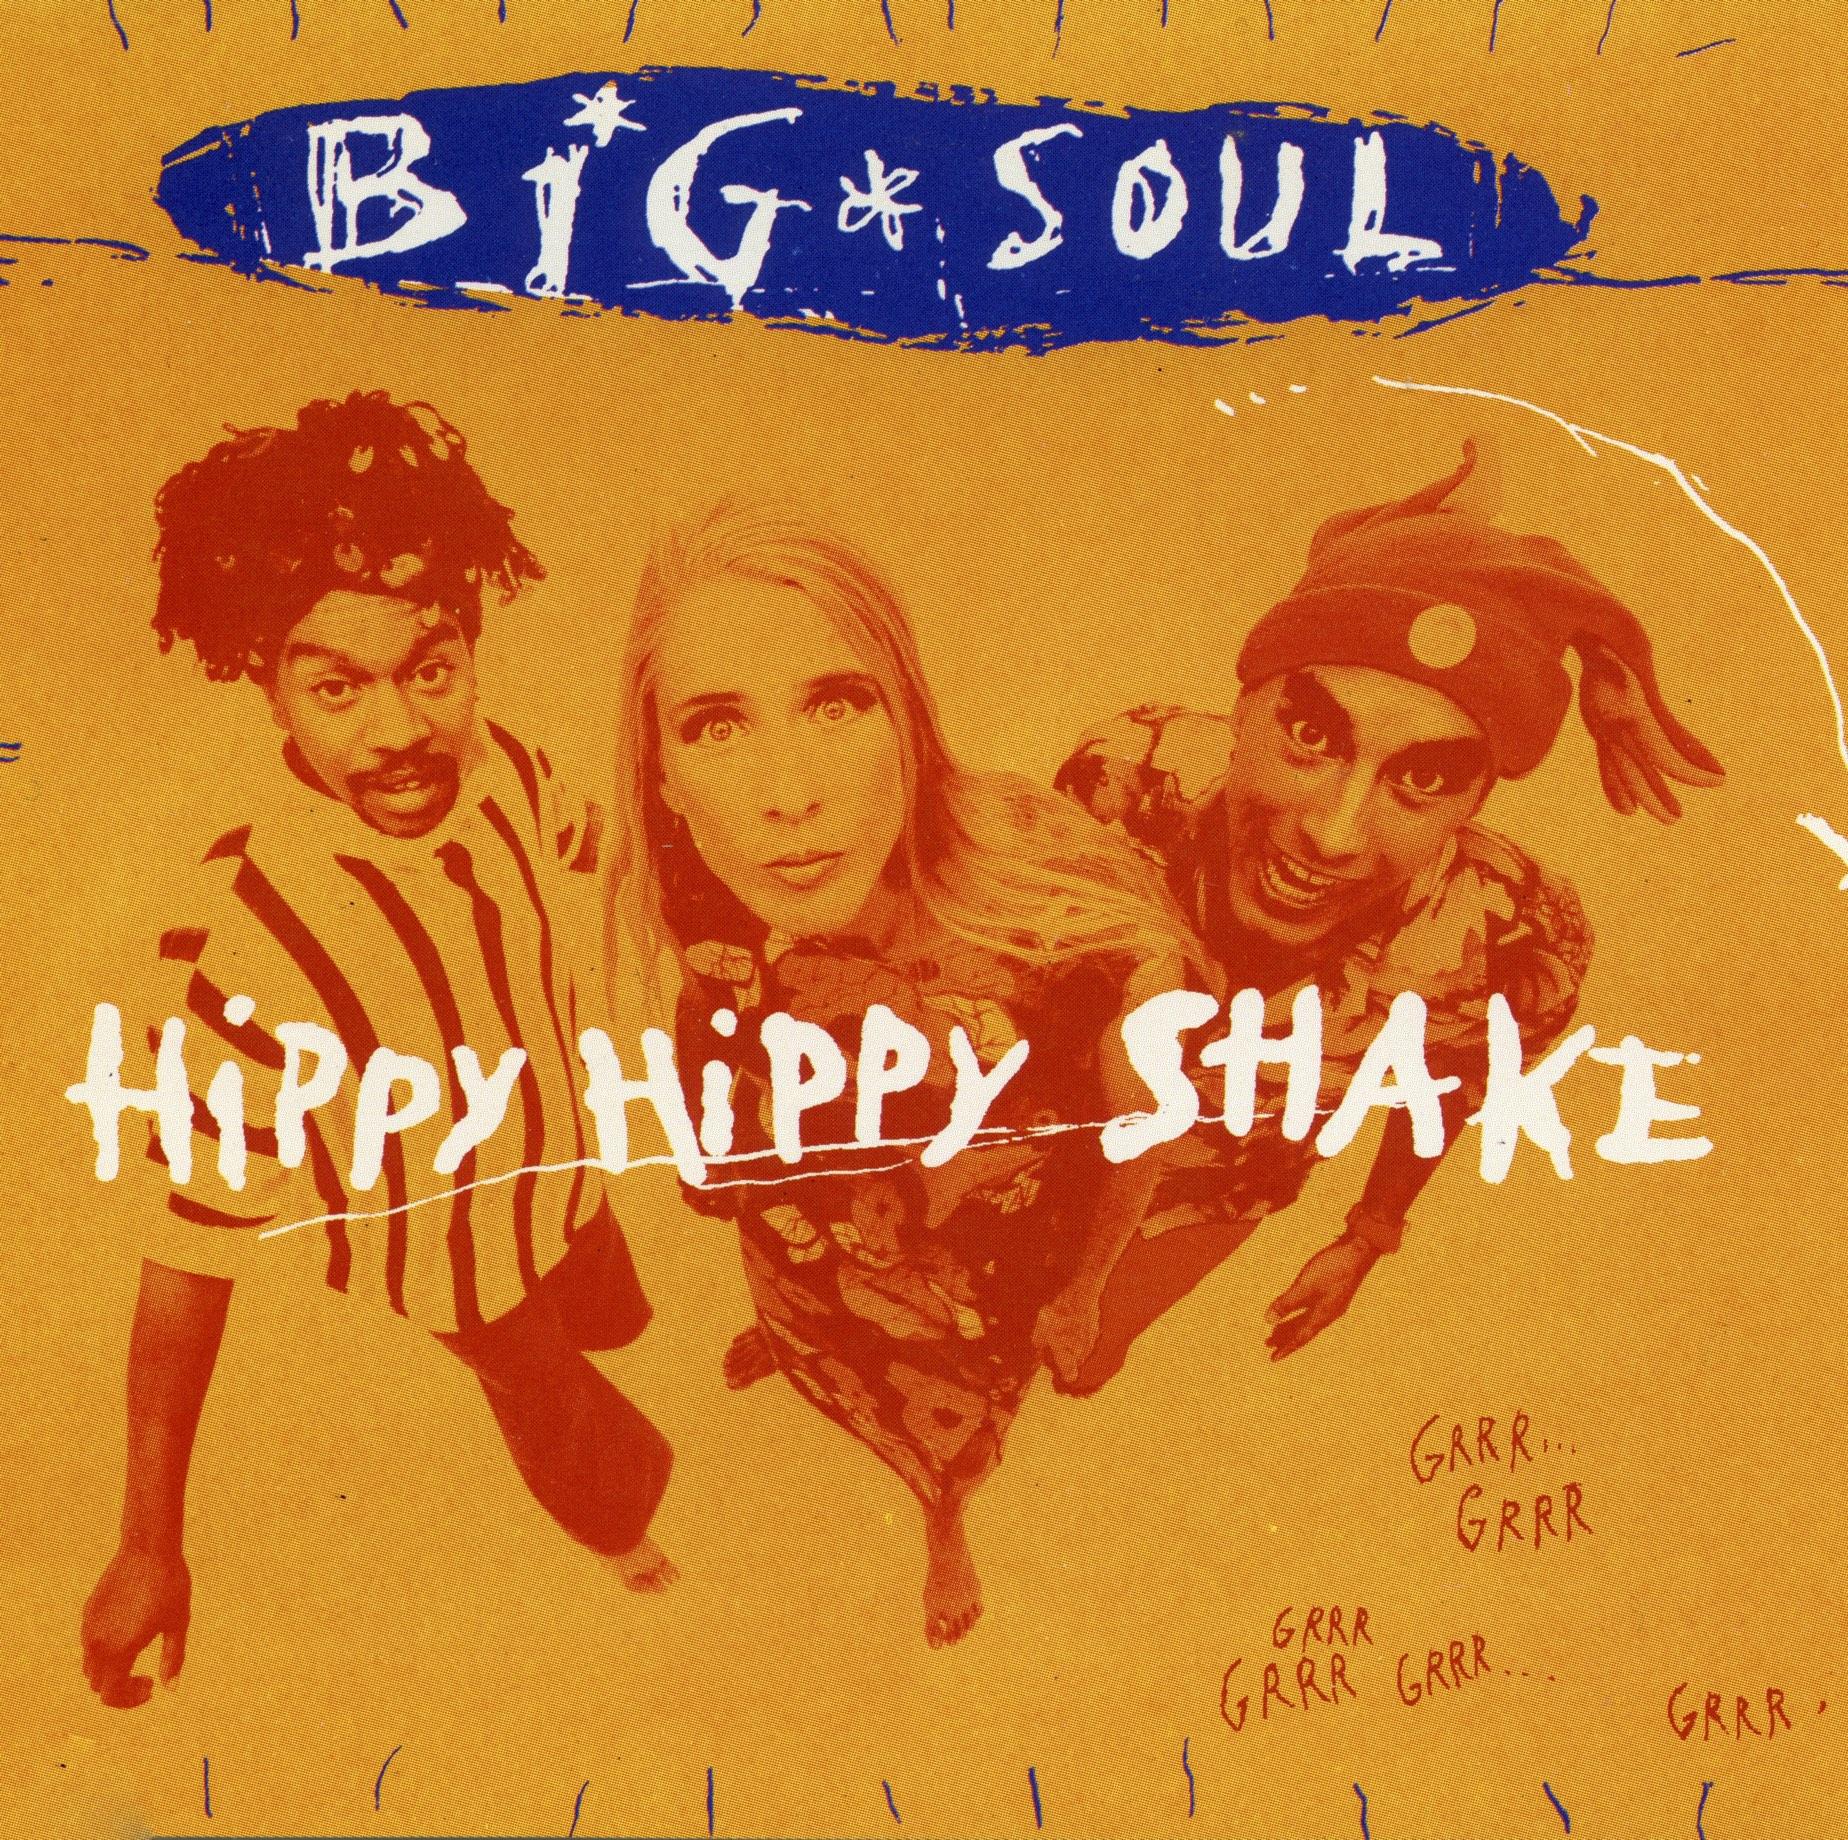 1996 - Big Soul